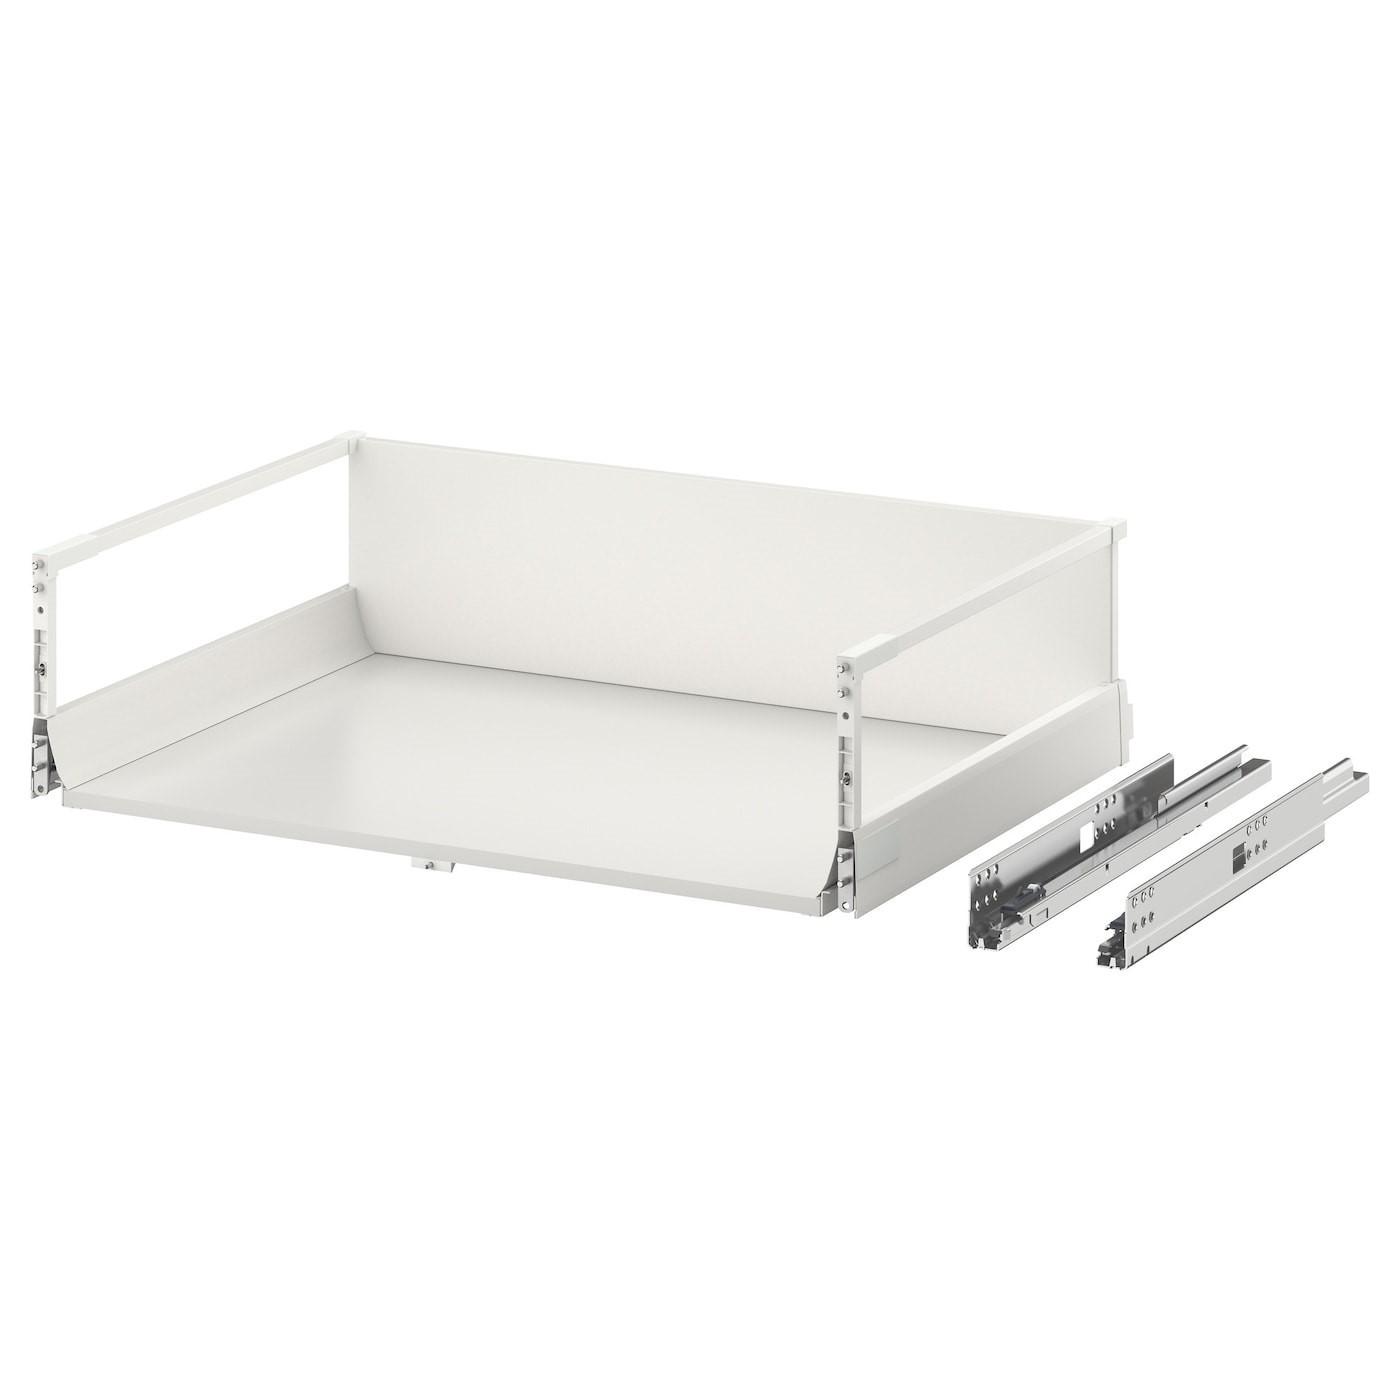 IKEA МАКСИМЕРА Выдвижной ящик, высокий, белый, 80x60 см 202.046.33